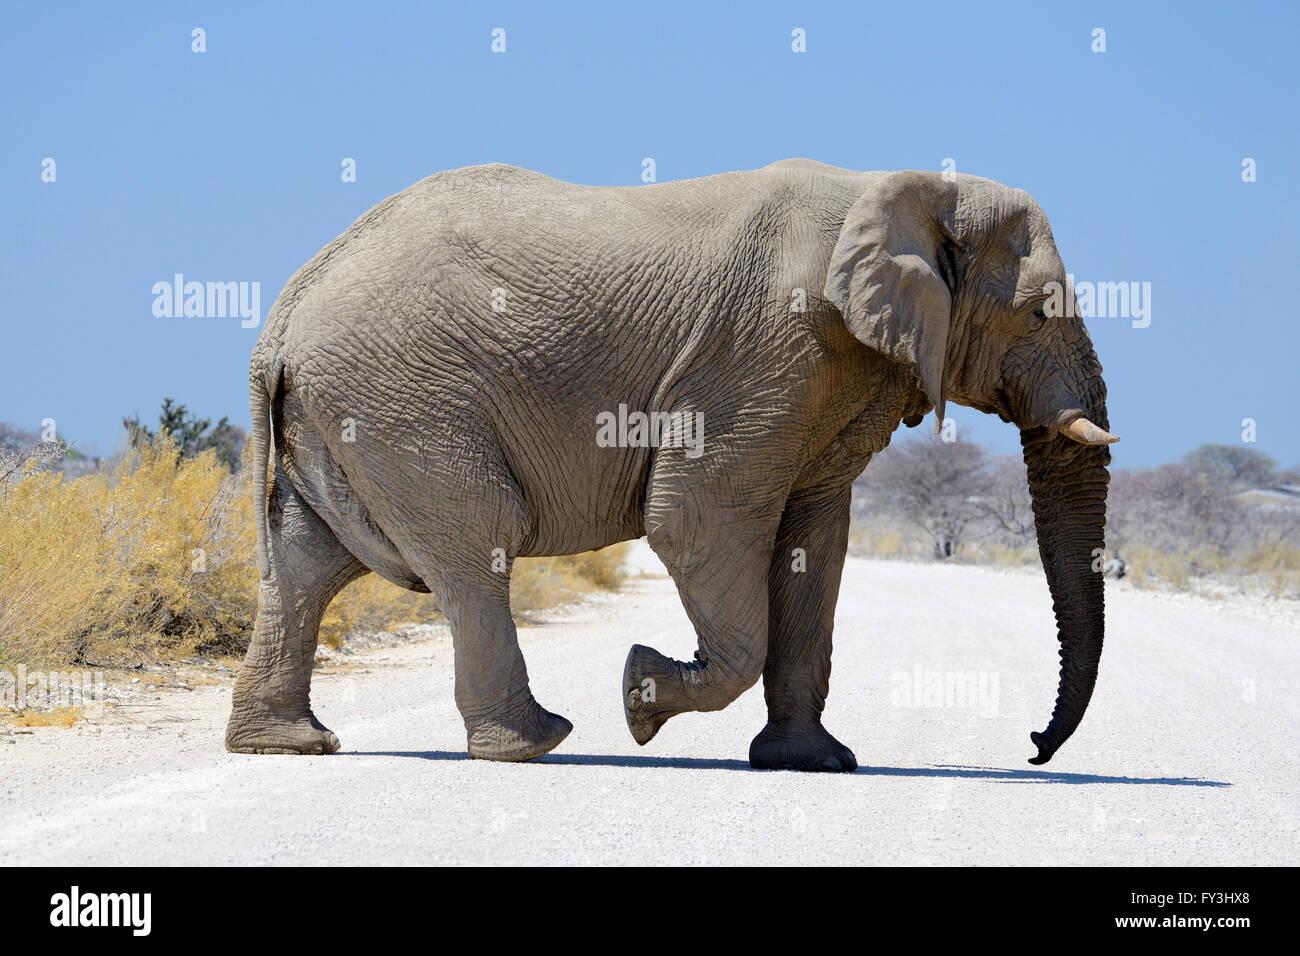 Solitario elefante toro africano (Loxodonta africana) cruce de carretera sin pavimentar en el Parque Nacional de Imagen De Stock